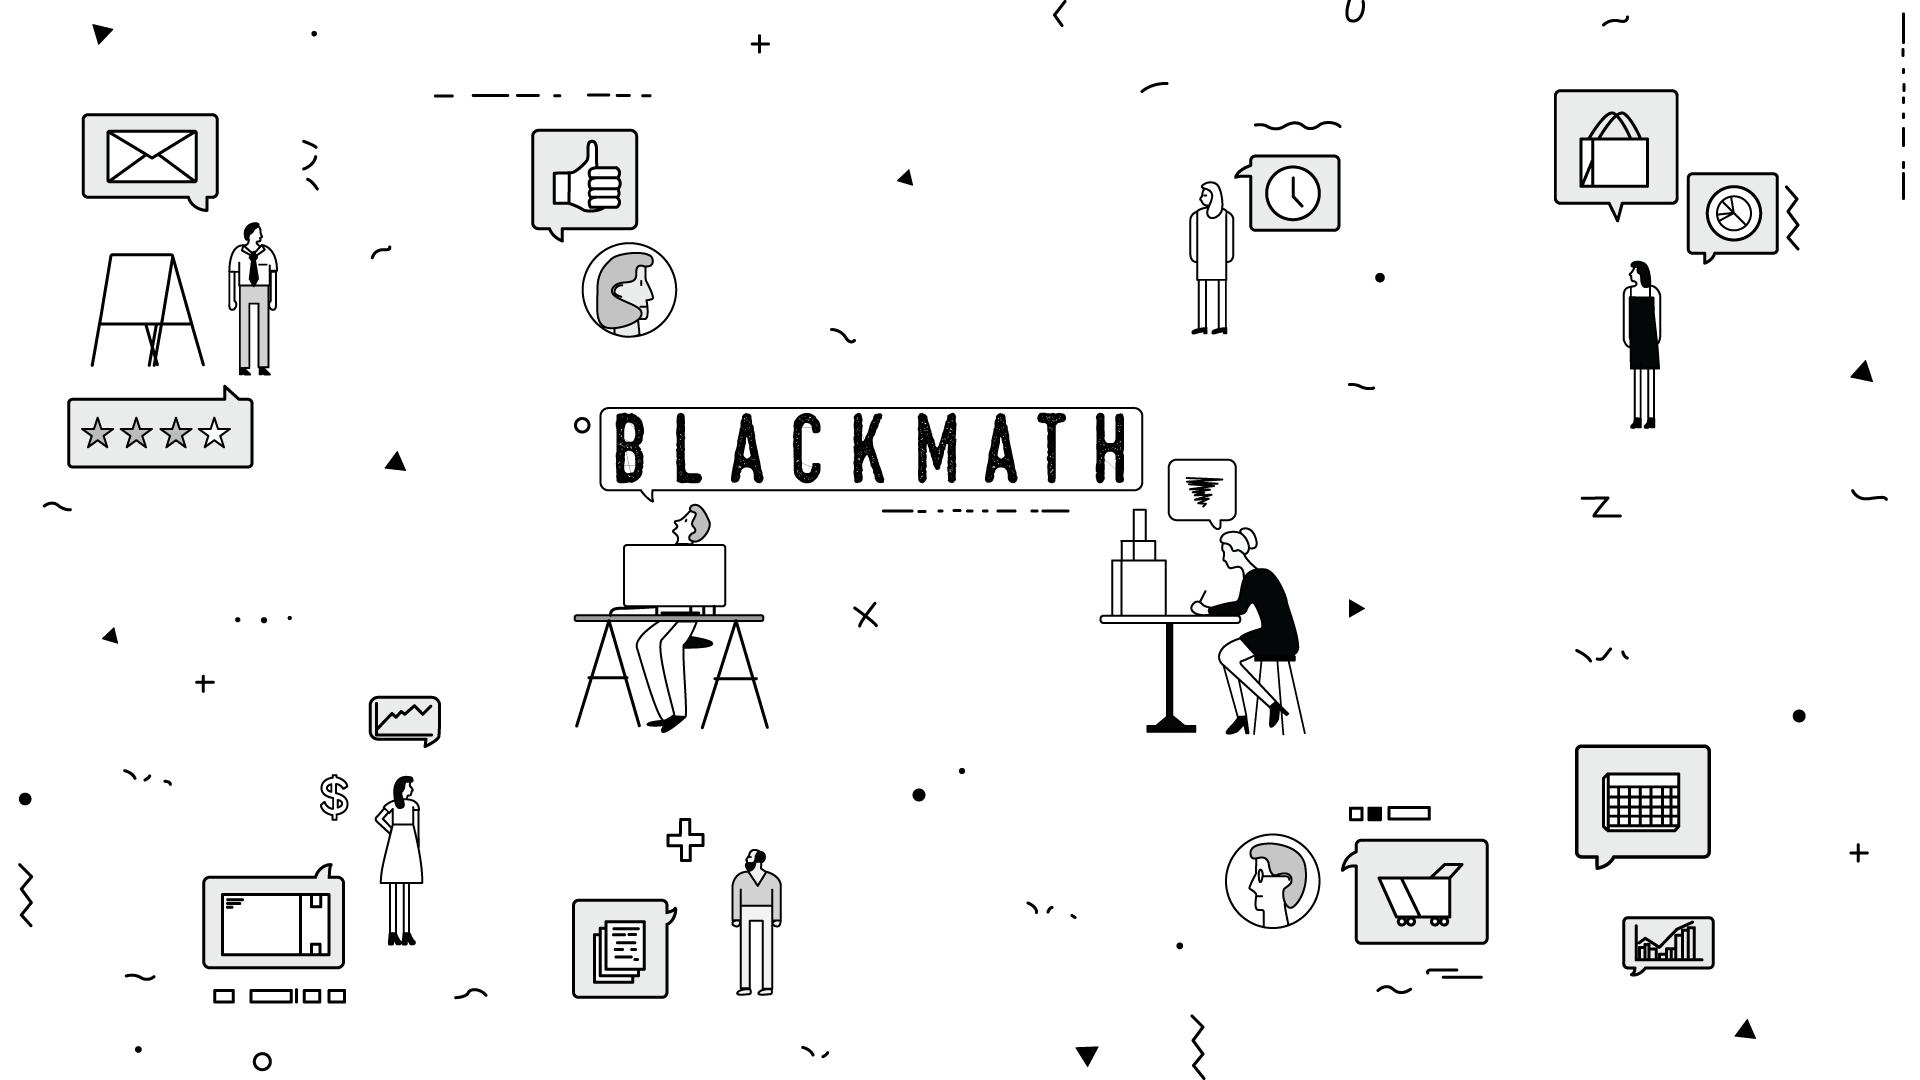 blackmath_v01.png